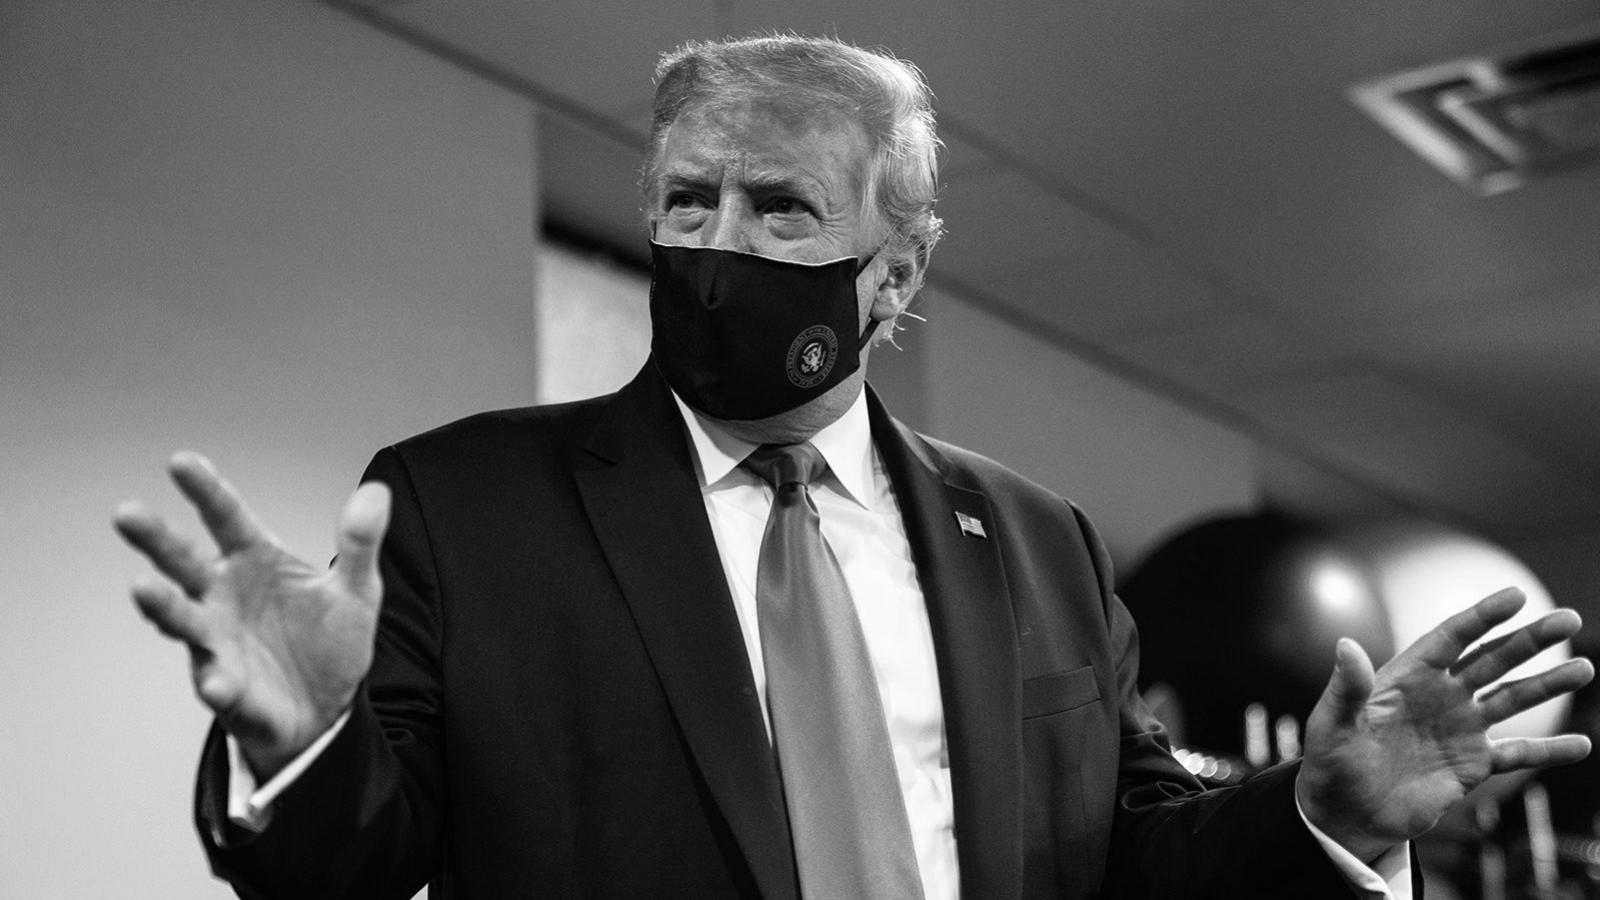 Tổng thống Trump đăng ảnh đeo khẩu trang, gọi đó là hành động yêu nước